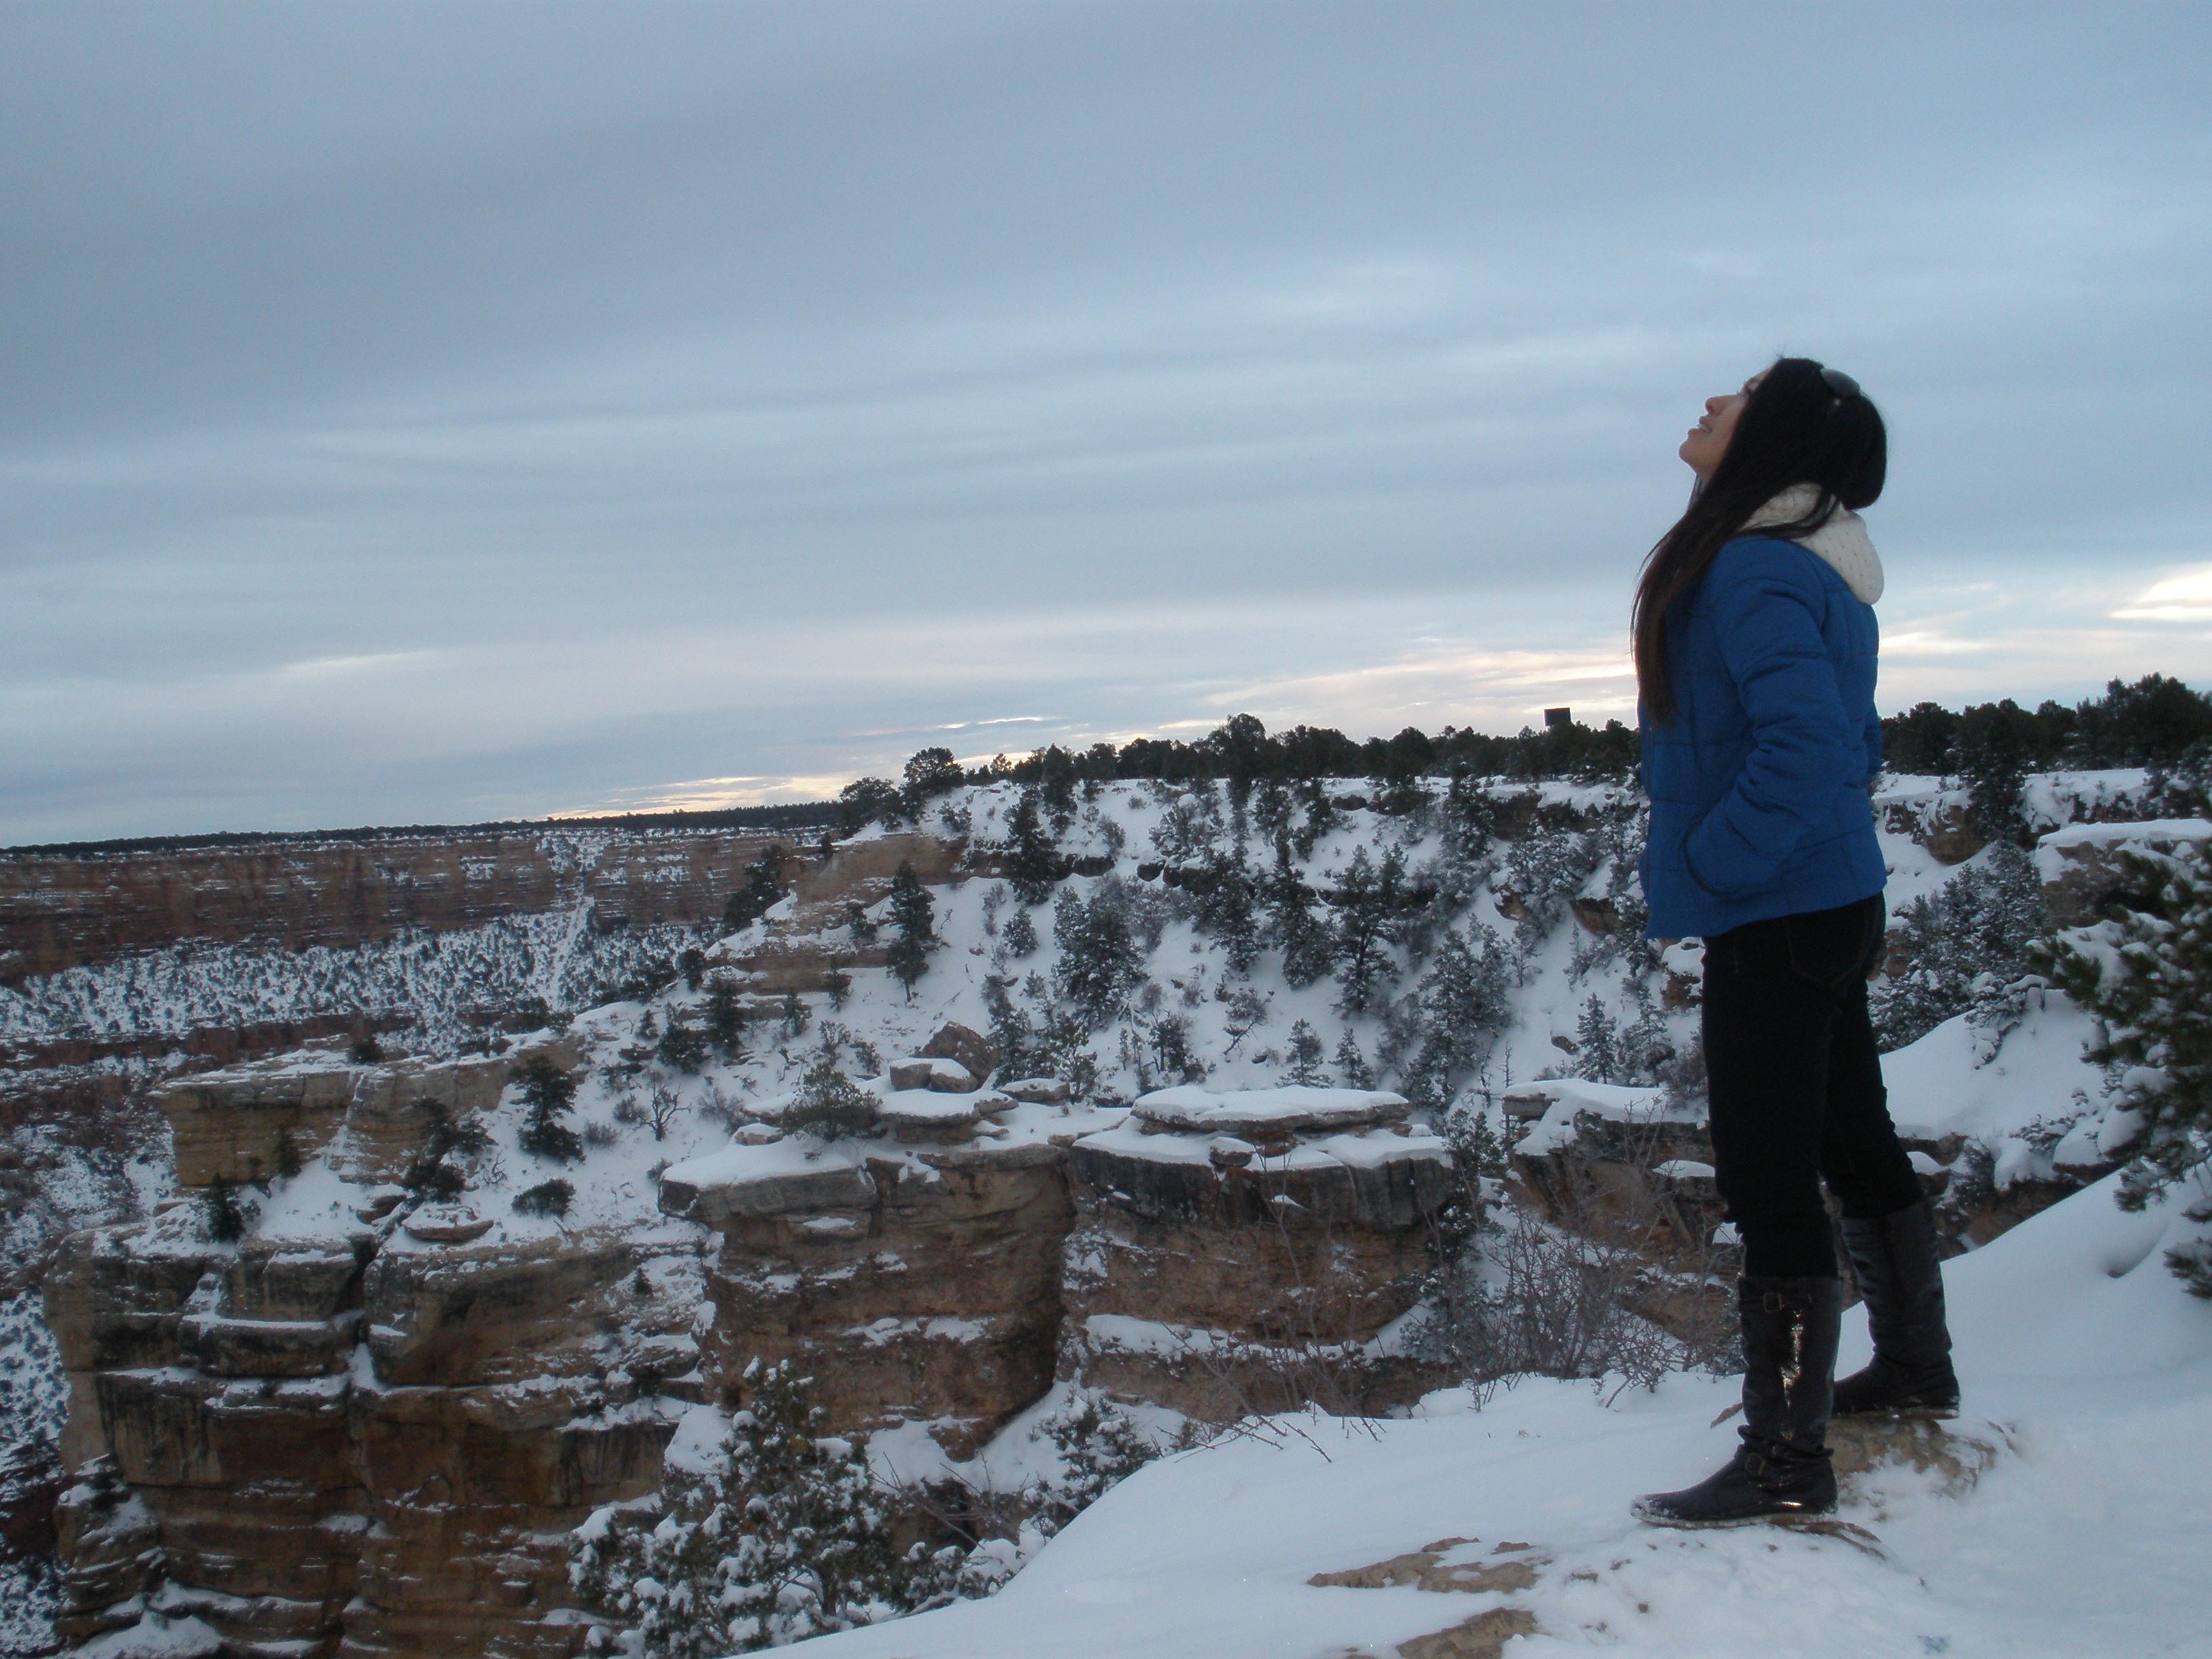 Grand canyon (USA)